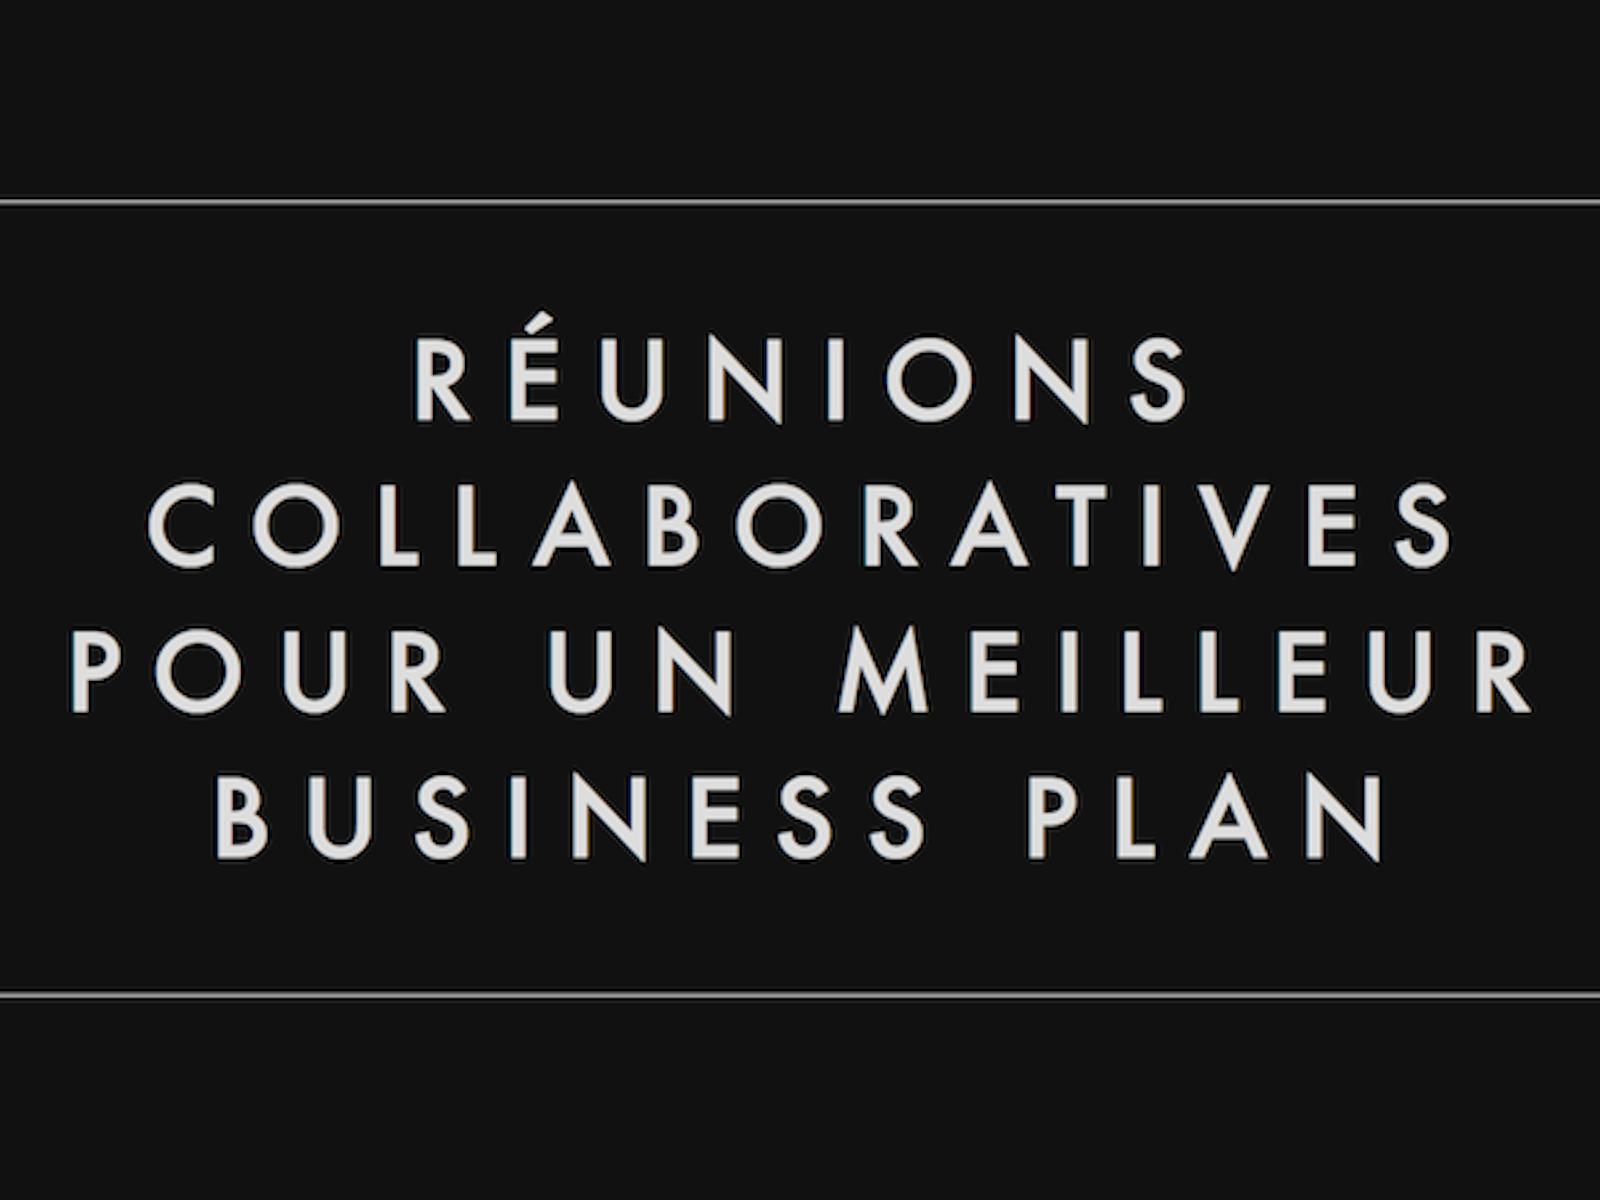 Réunions collaboratives pour un meilleur business plan